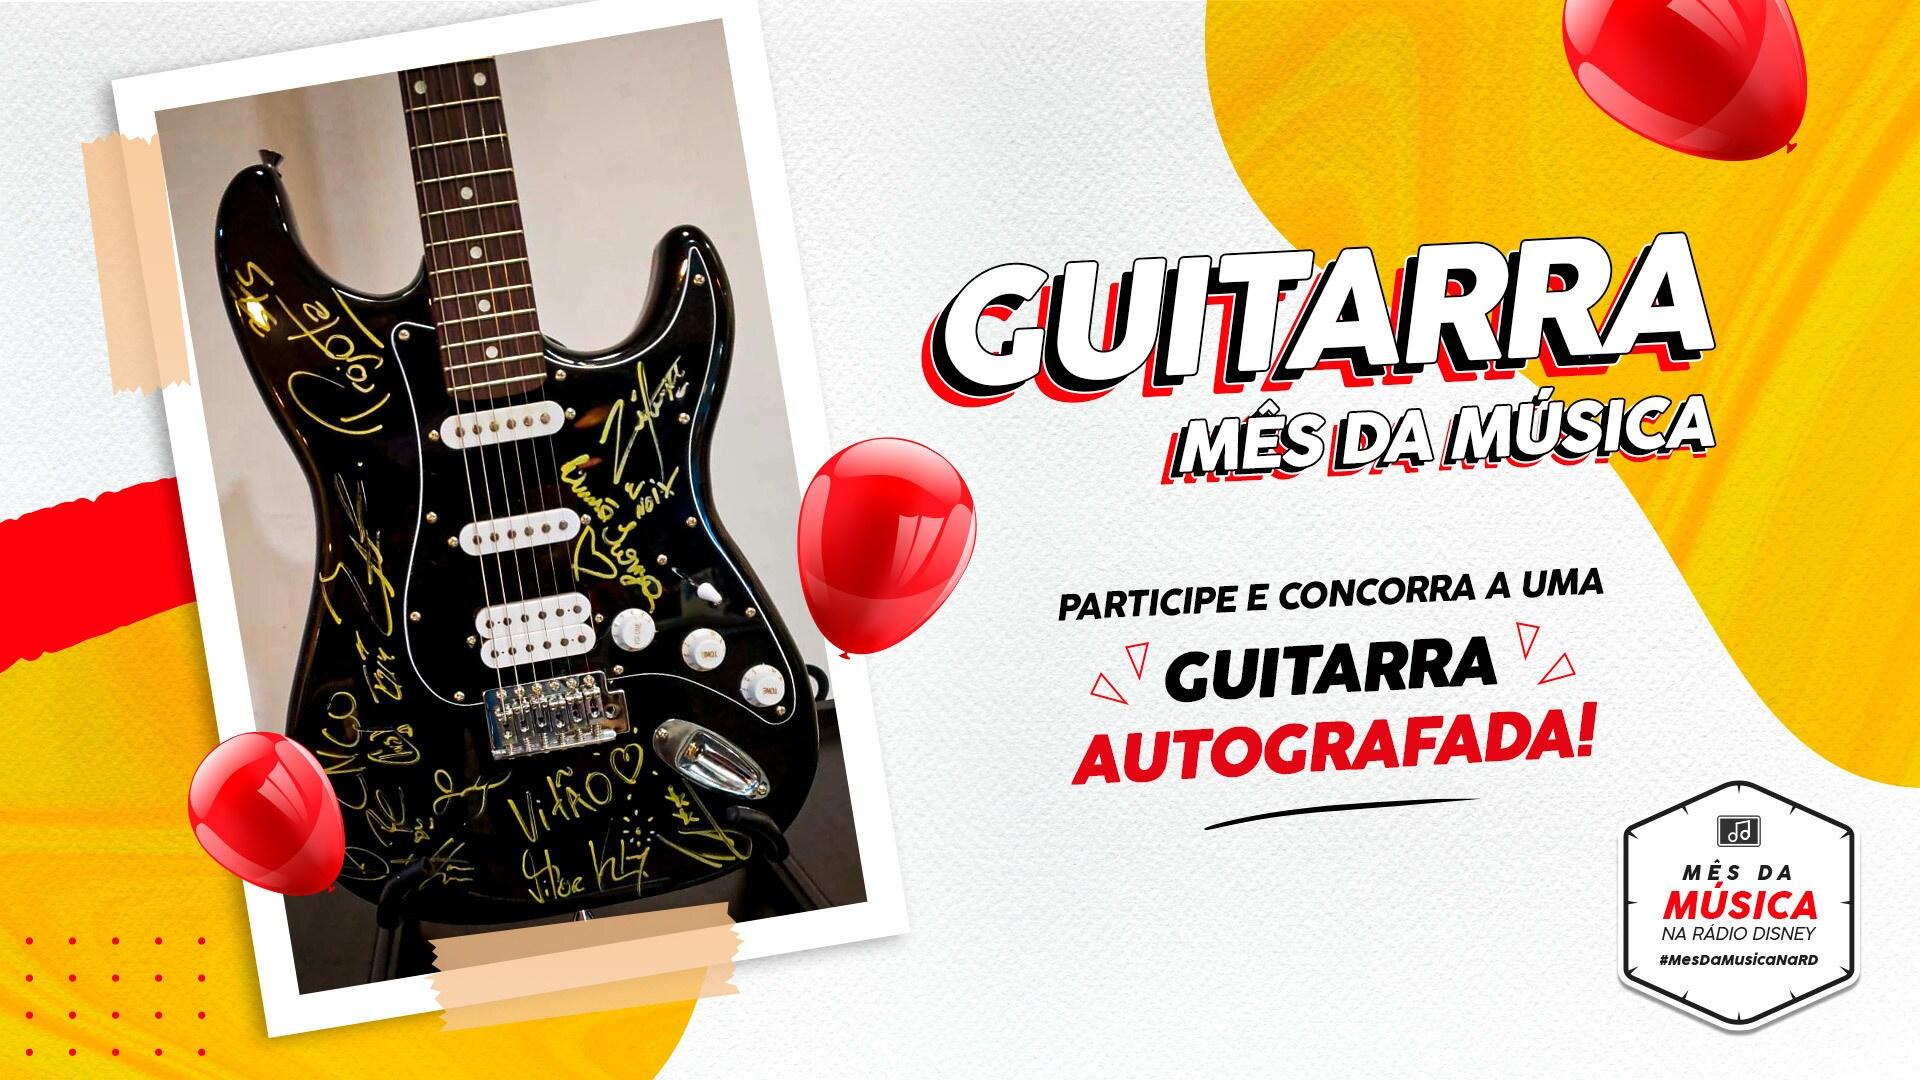 GUITARRA AUTOGRAFADA RÁDIO DISNEY MÊS DA MÚSICA